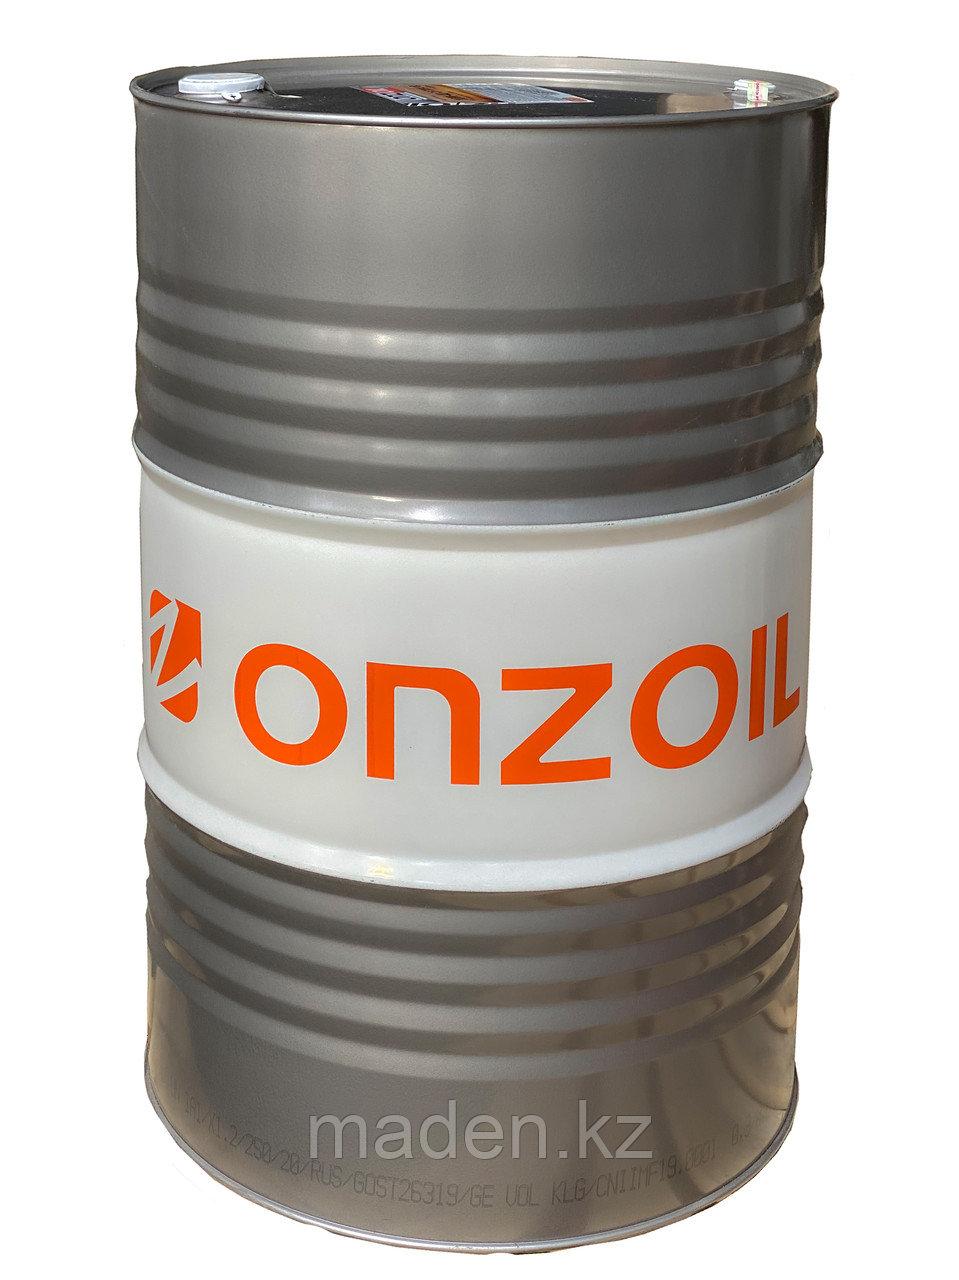 Гидравлическое масло ONZOIL МГЕ-46В 18.0